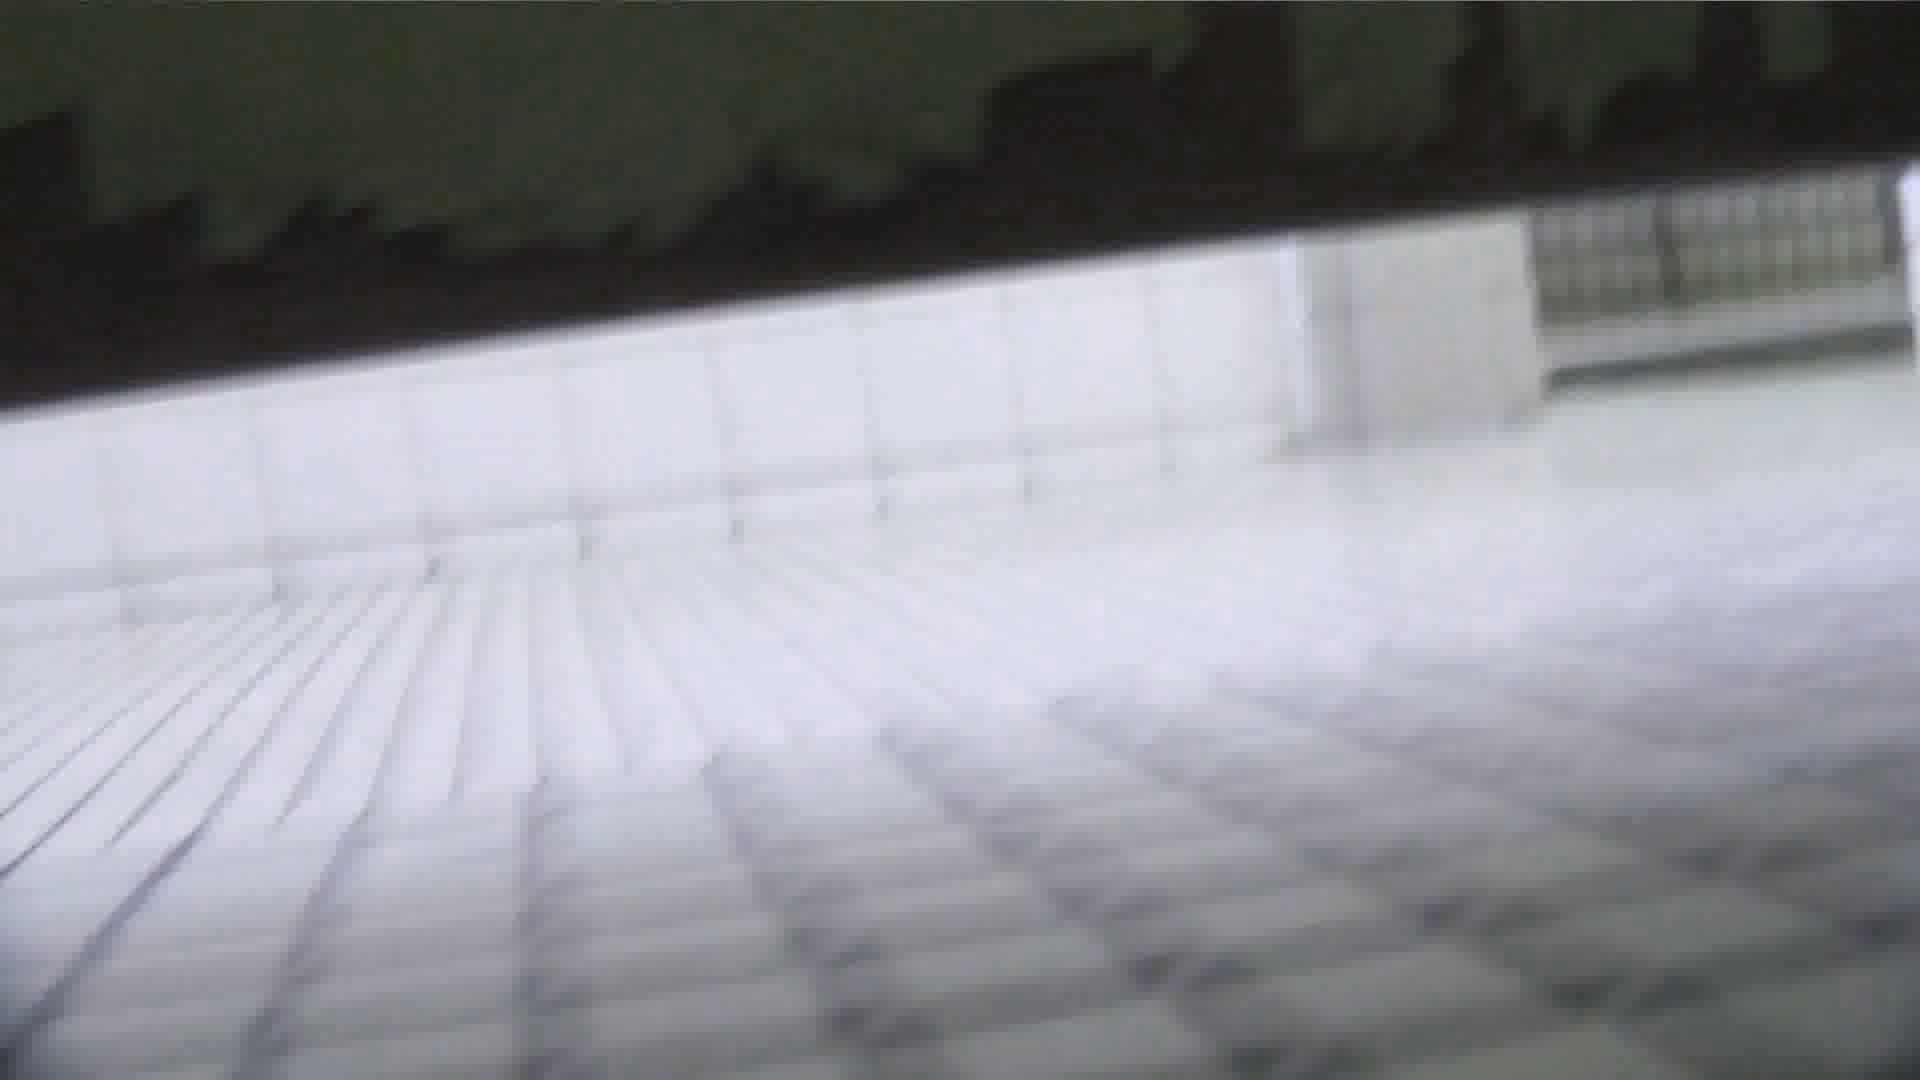 【美しき個室な世界】 vol.021 めがねっこ OLの実態   洗面所  37pic 23